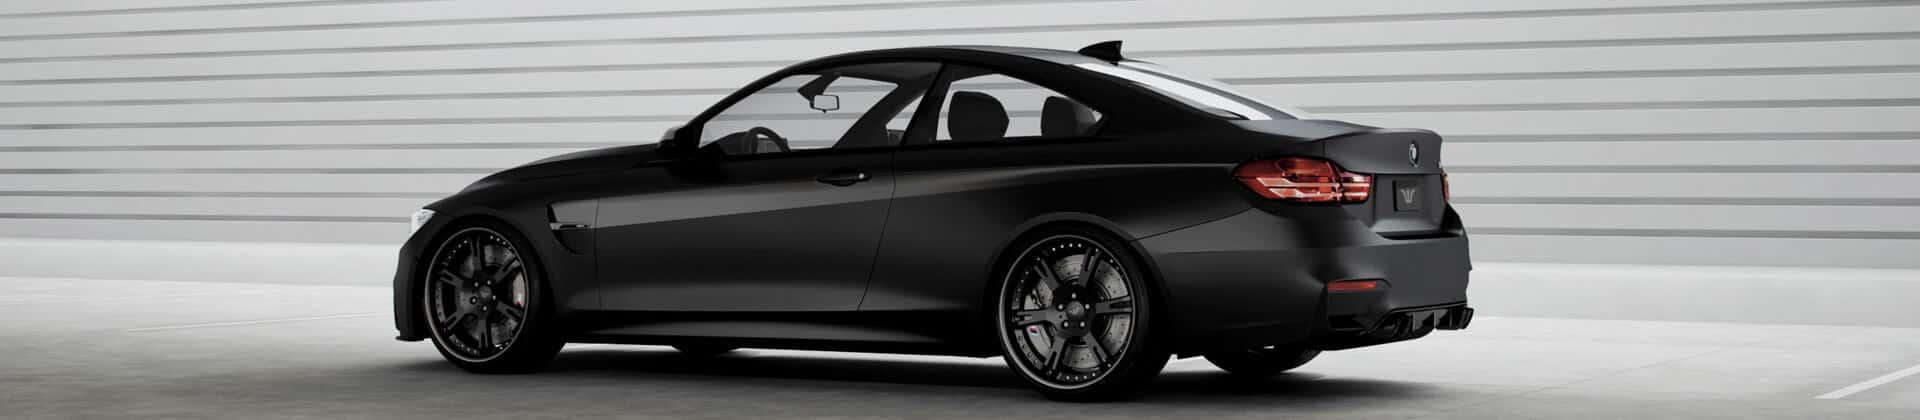 BMW M4 wheels